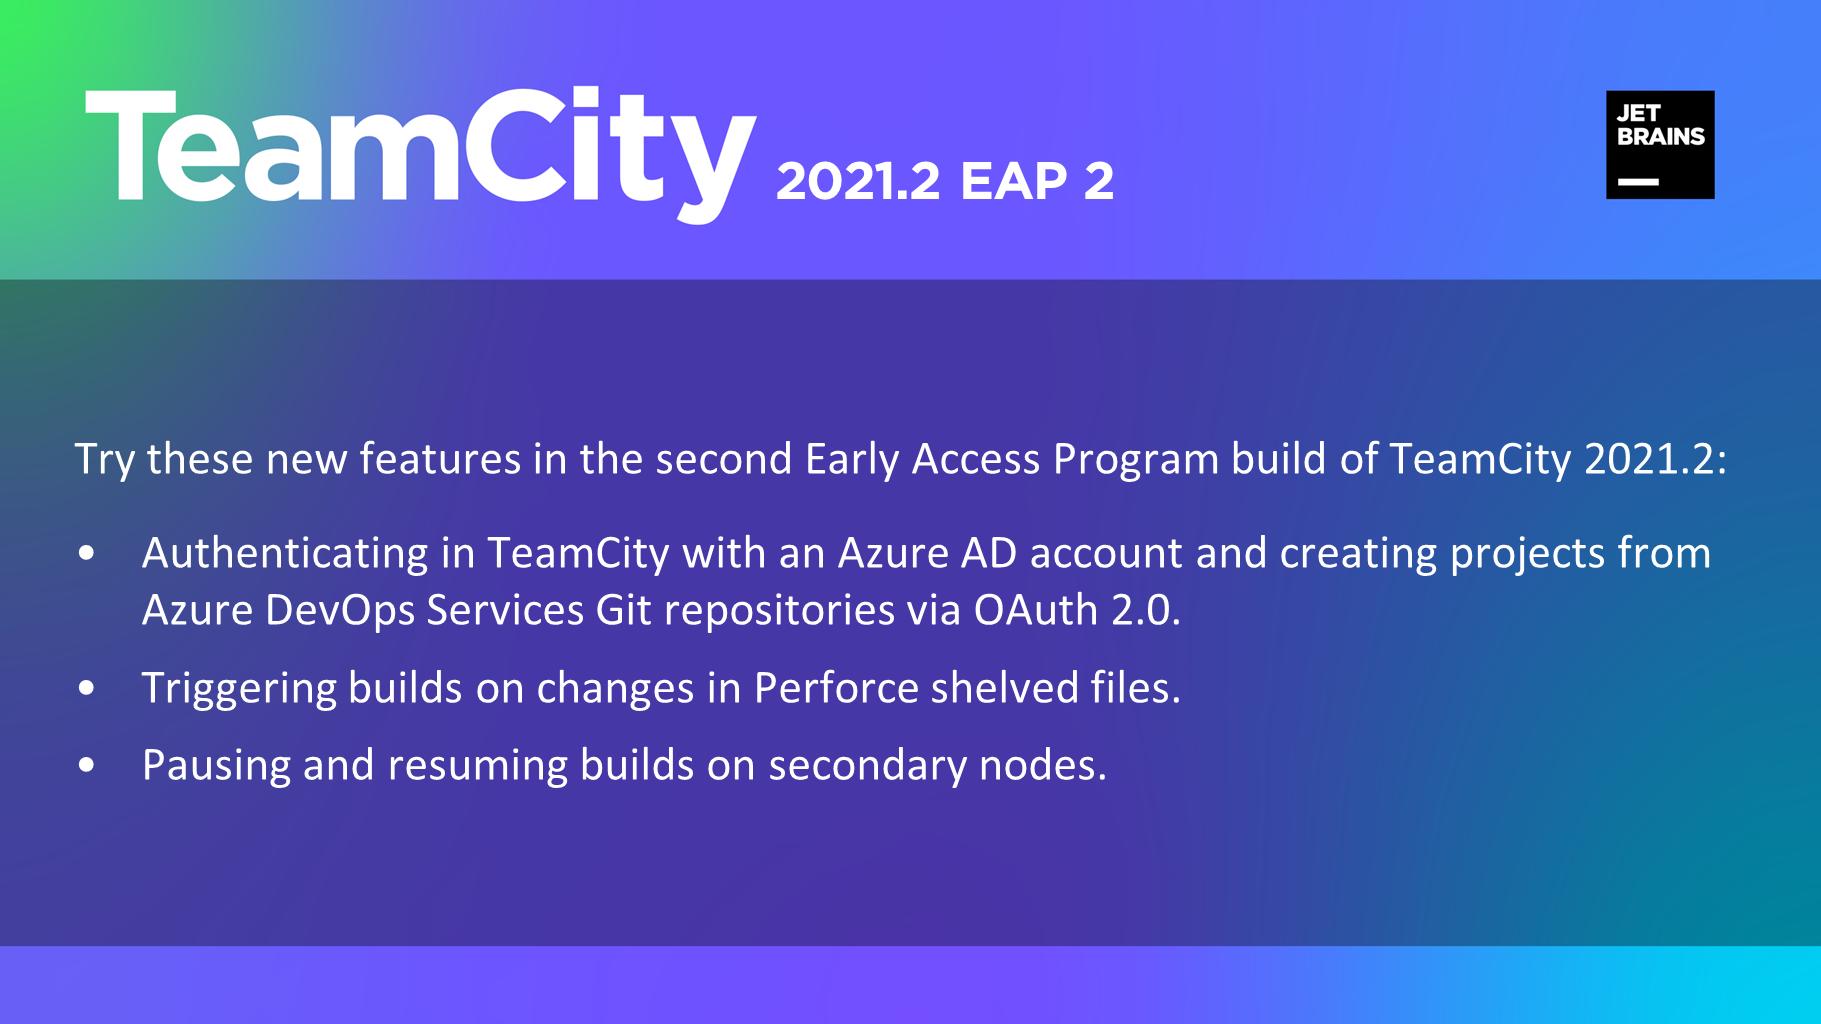 TeamCity 2021.2 EAP2